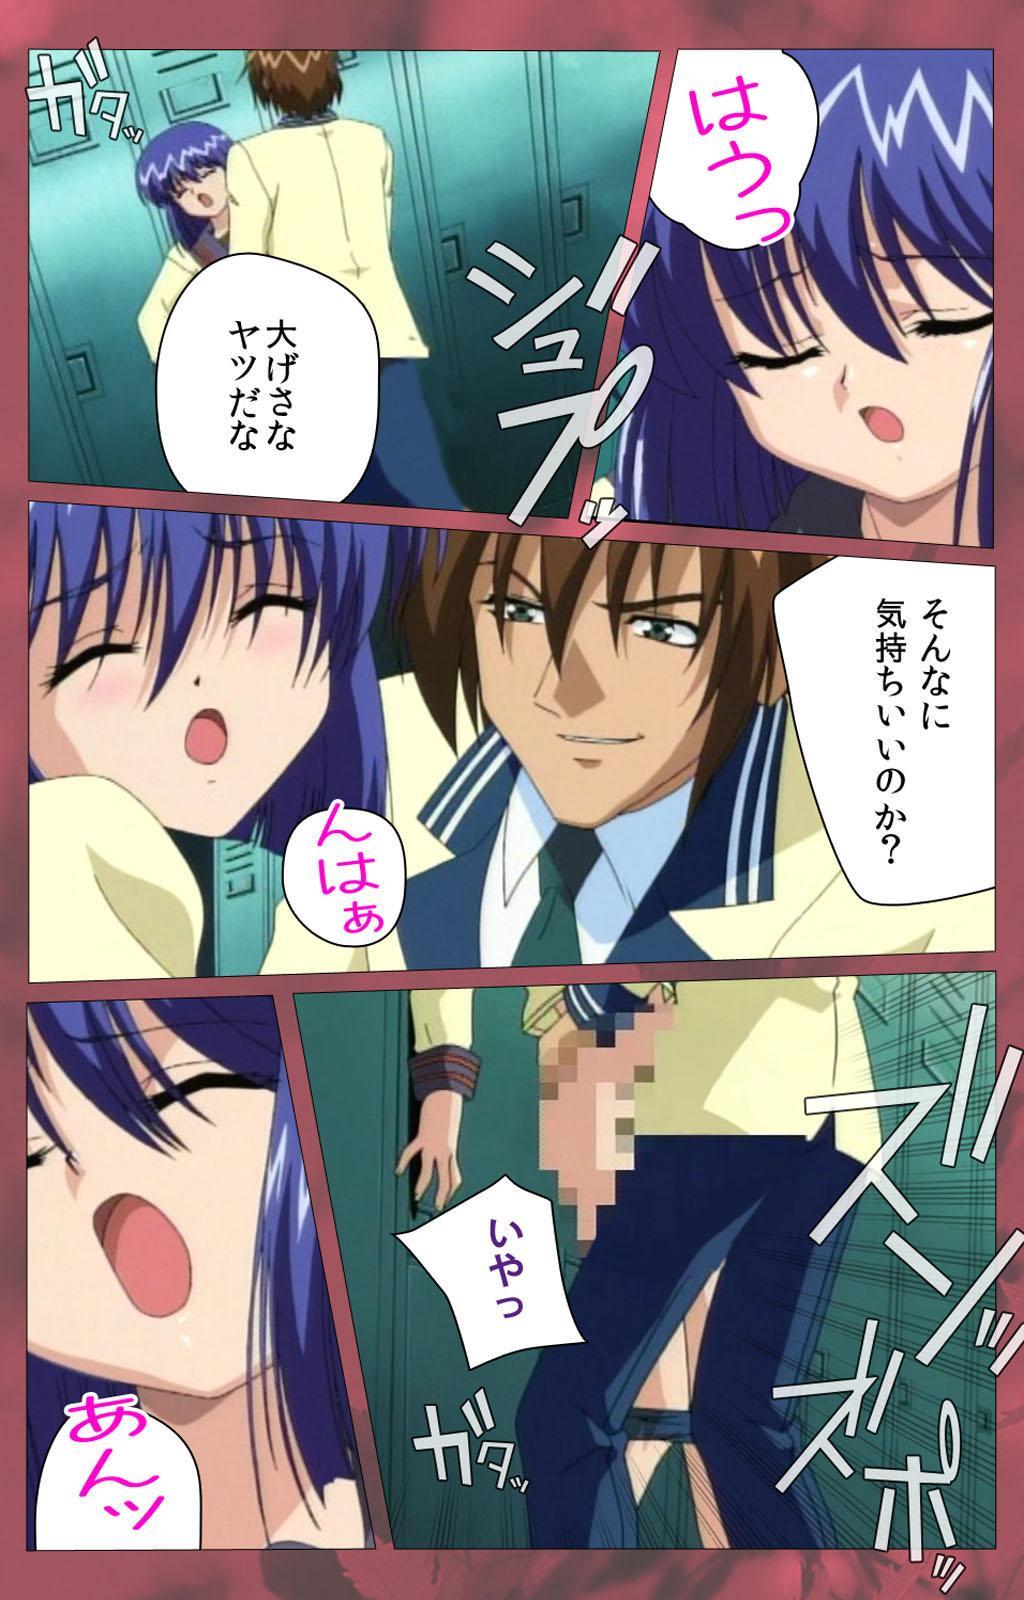 'watashi ningyo jaarimasen' kanzenhan 126